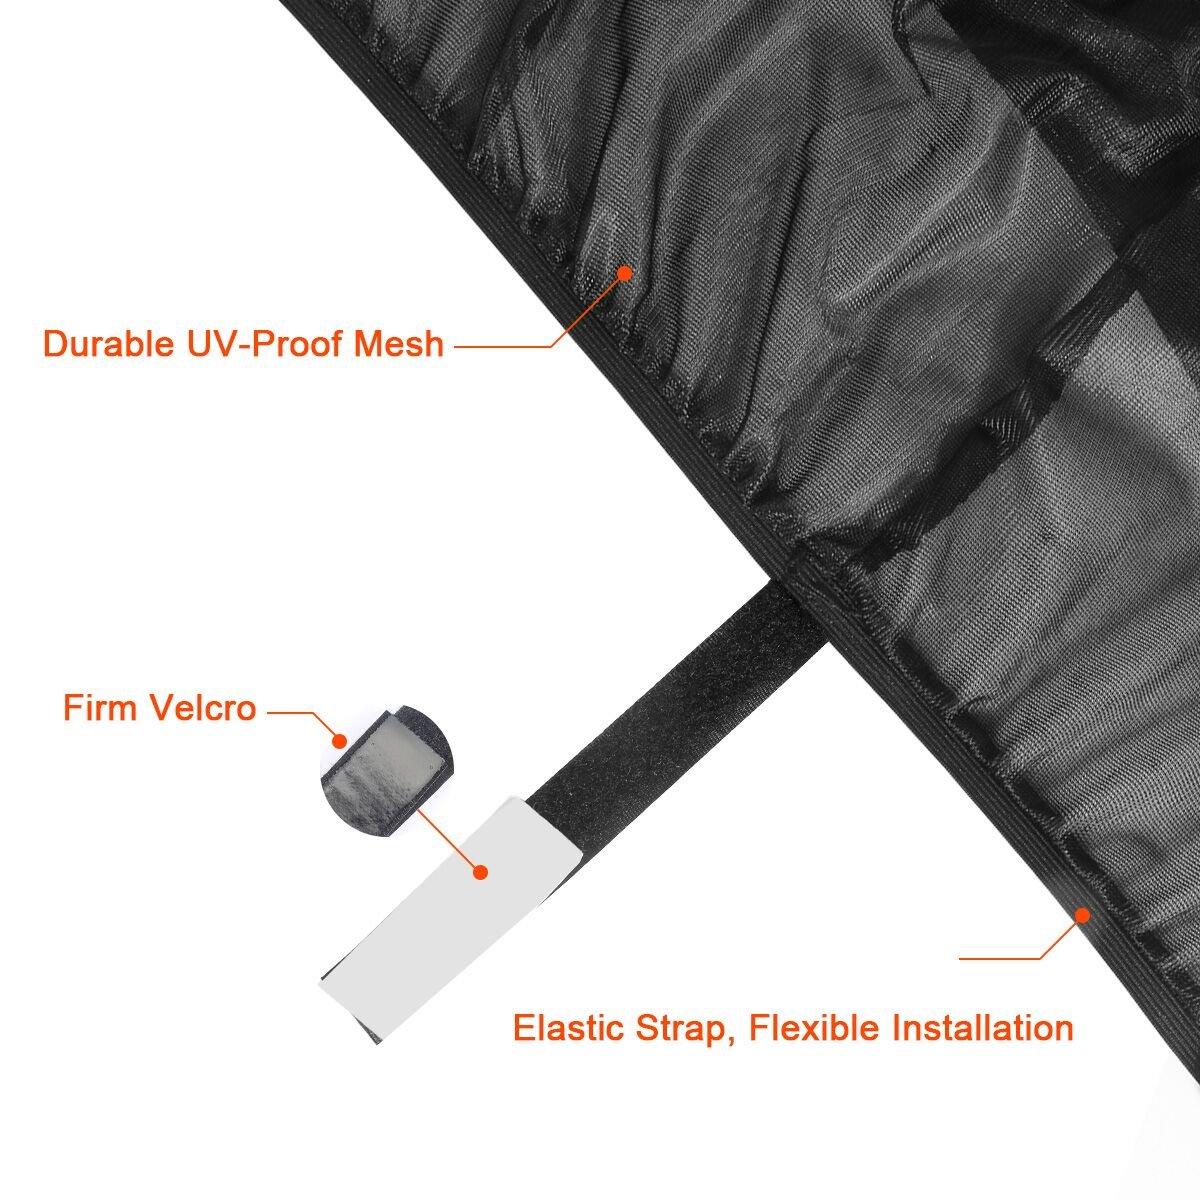 Bloquee UV Peligros 4 Paquetes de Sombras de Ventana para Beb/és y Mascotas Sombras de Sol Delanteras y Traseras para Coche Anti-Mosquito Adecuado Perfectamente